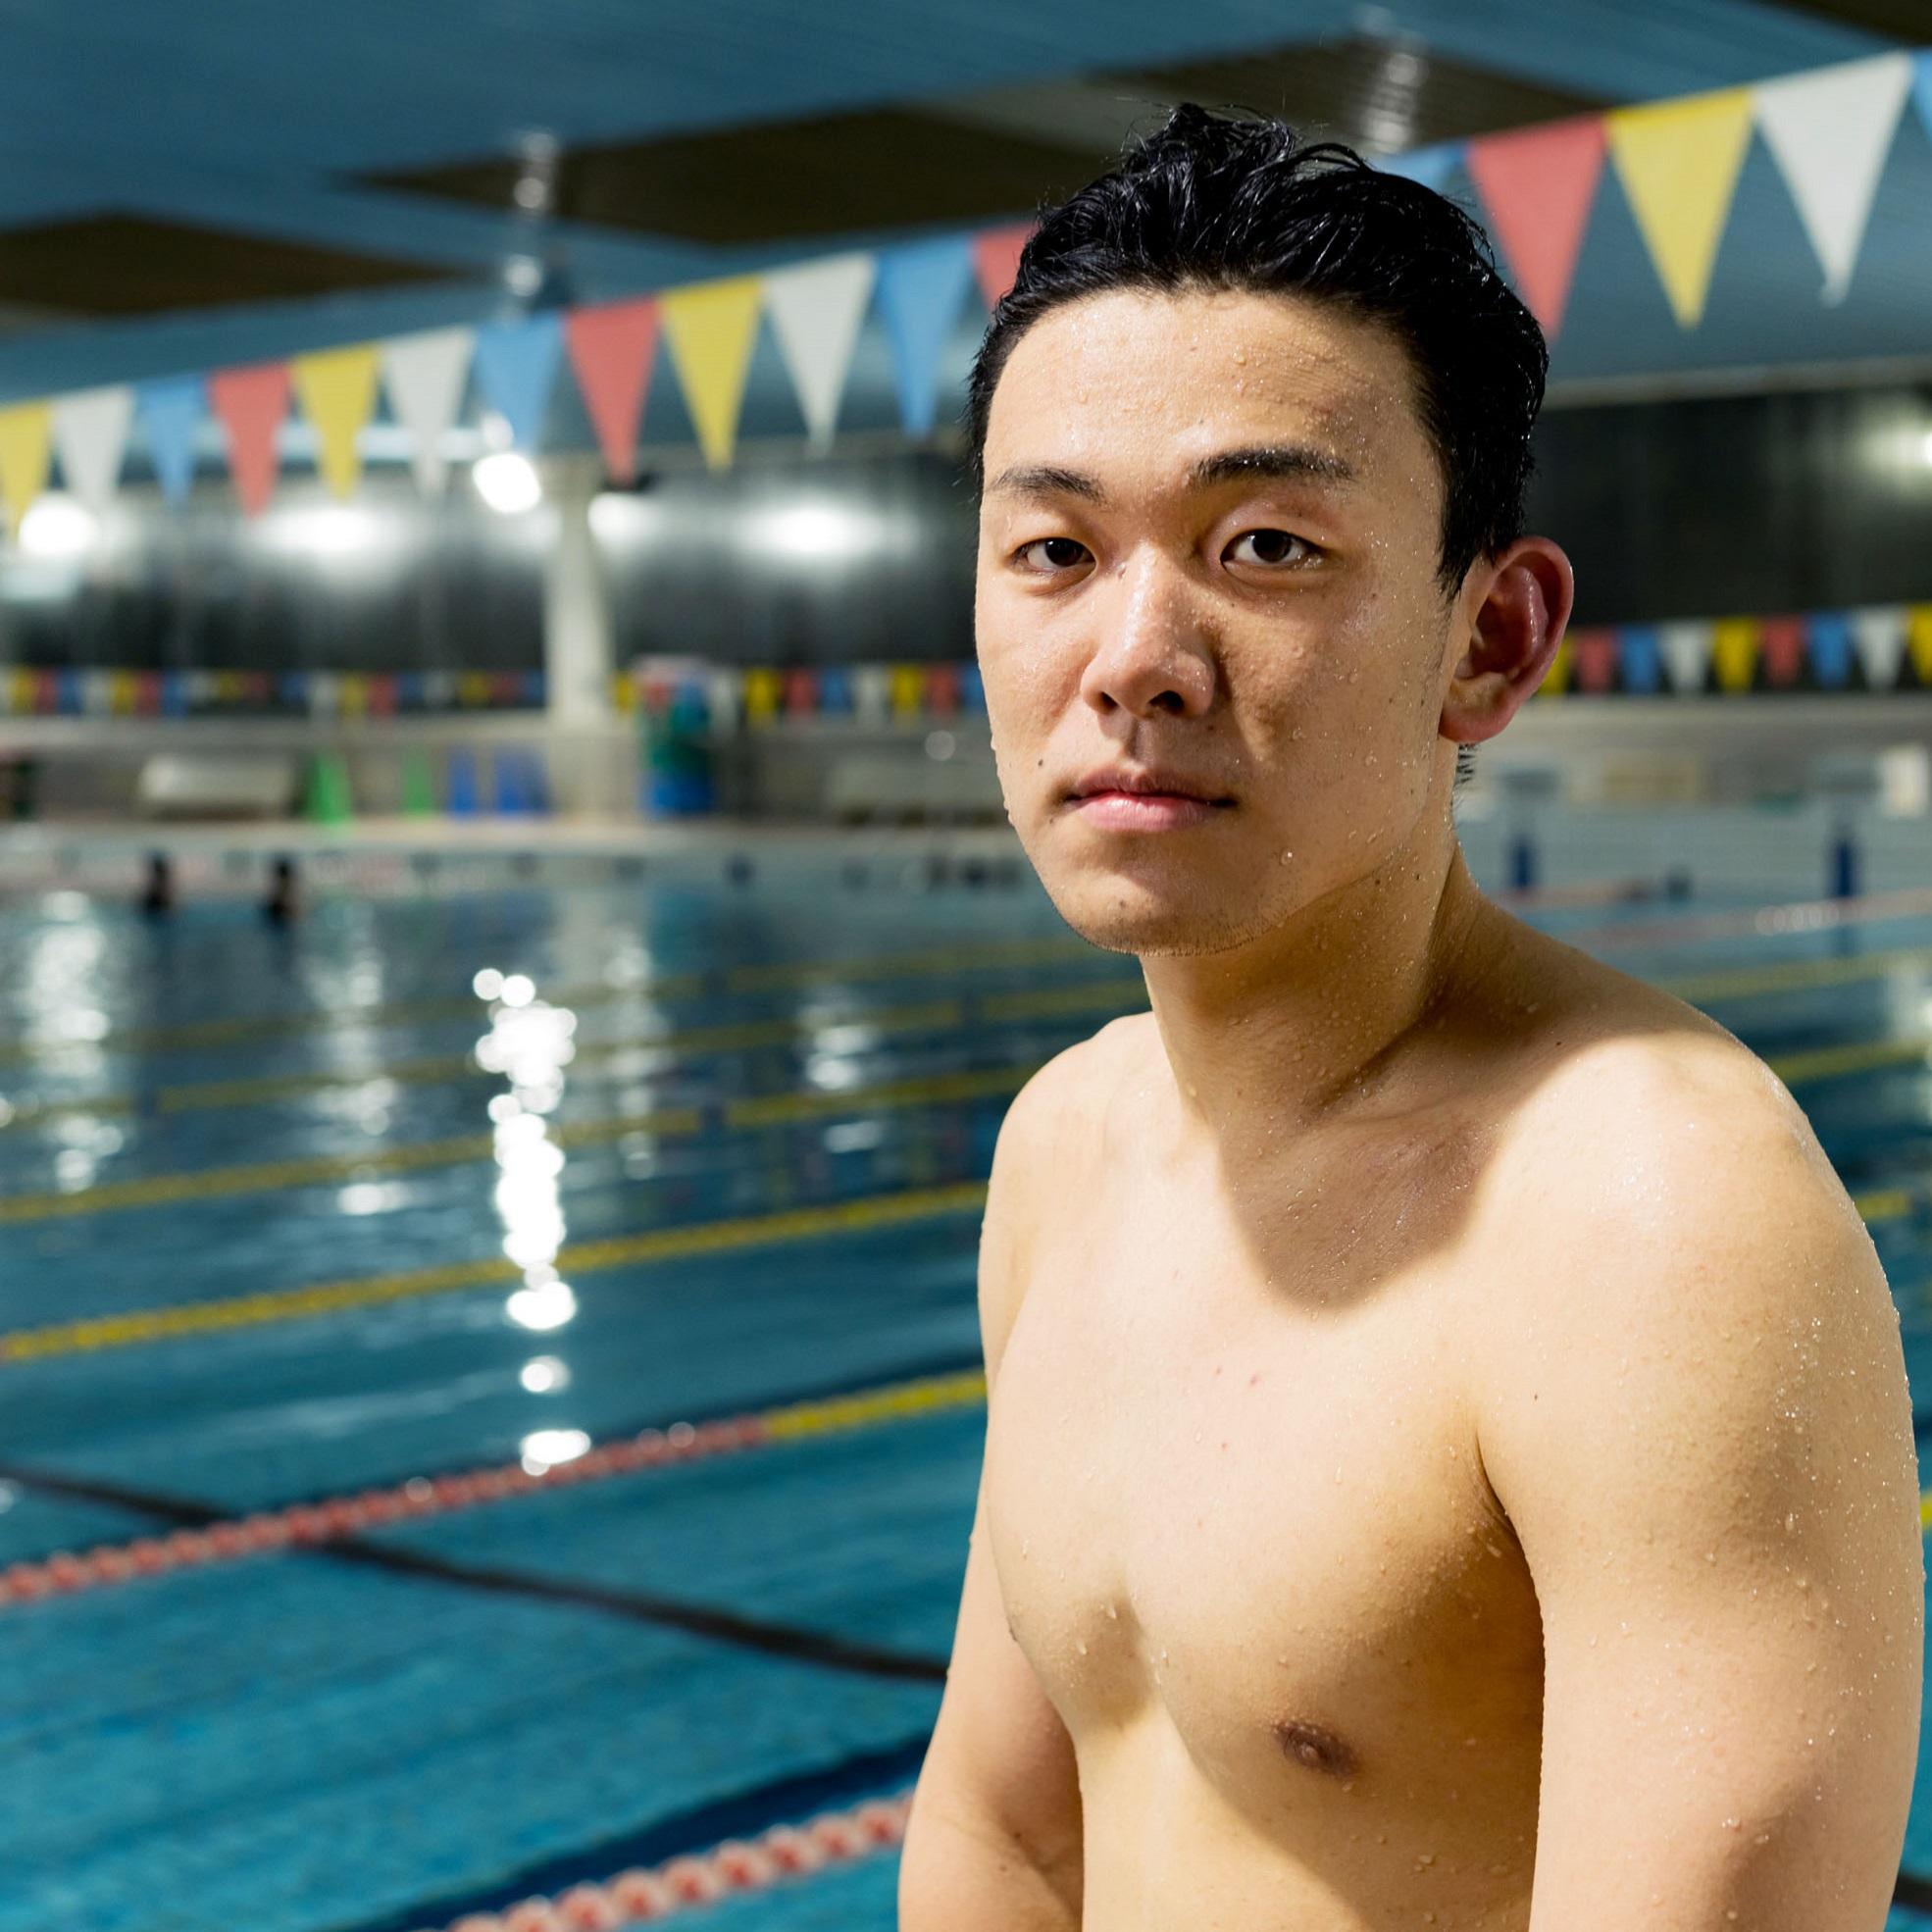 パラ水泳界のニューヒーロー 競泳・山口尚秀選手